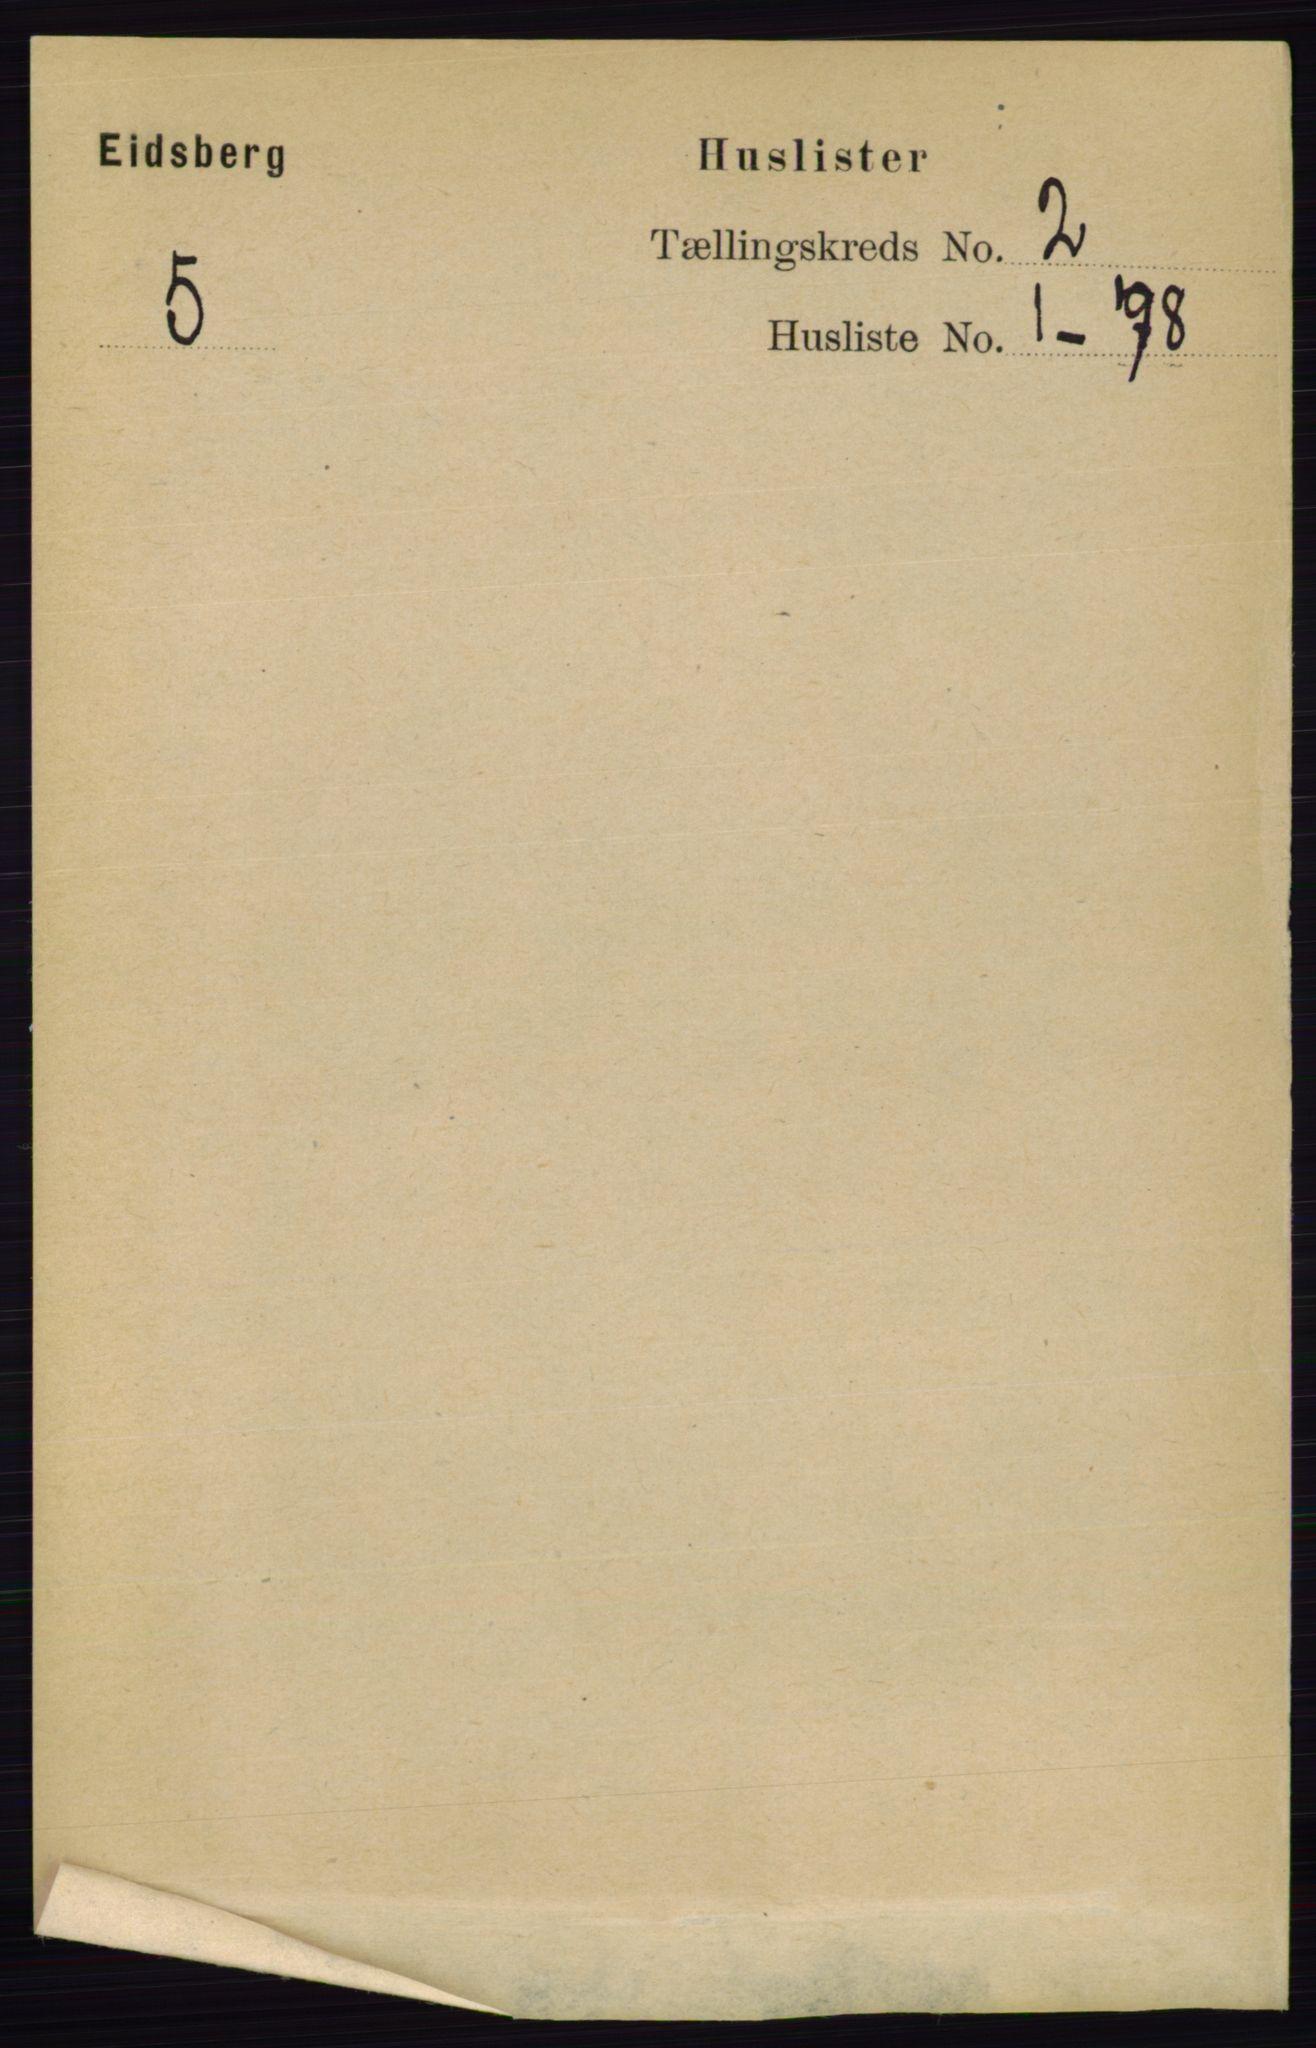 RA, Folketelling 1891 for 0125 Eidsberg herred, 1891, s. 757